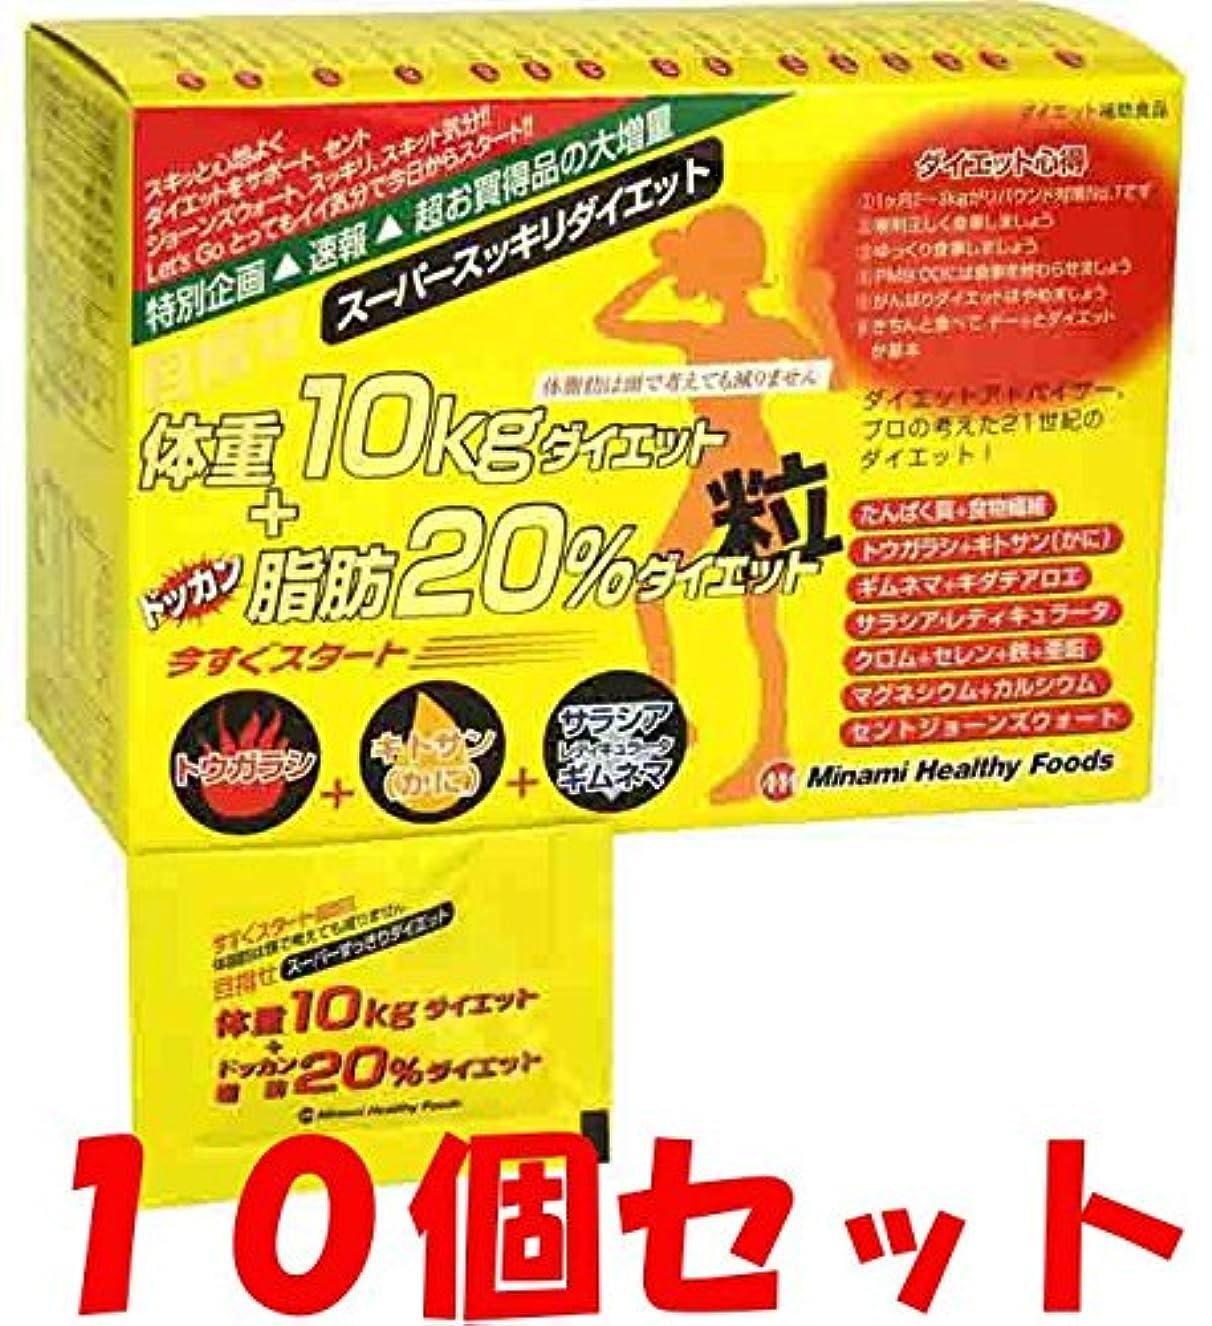 セラー苛性ゴミ箱【10個セット】目指せ体重10kgダイエット+ドッカン脂肪20%ダイエット粒 6粒×75袋